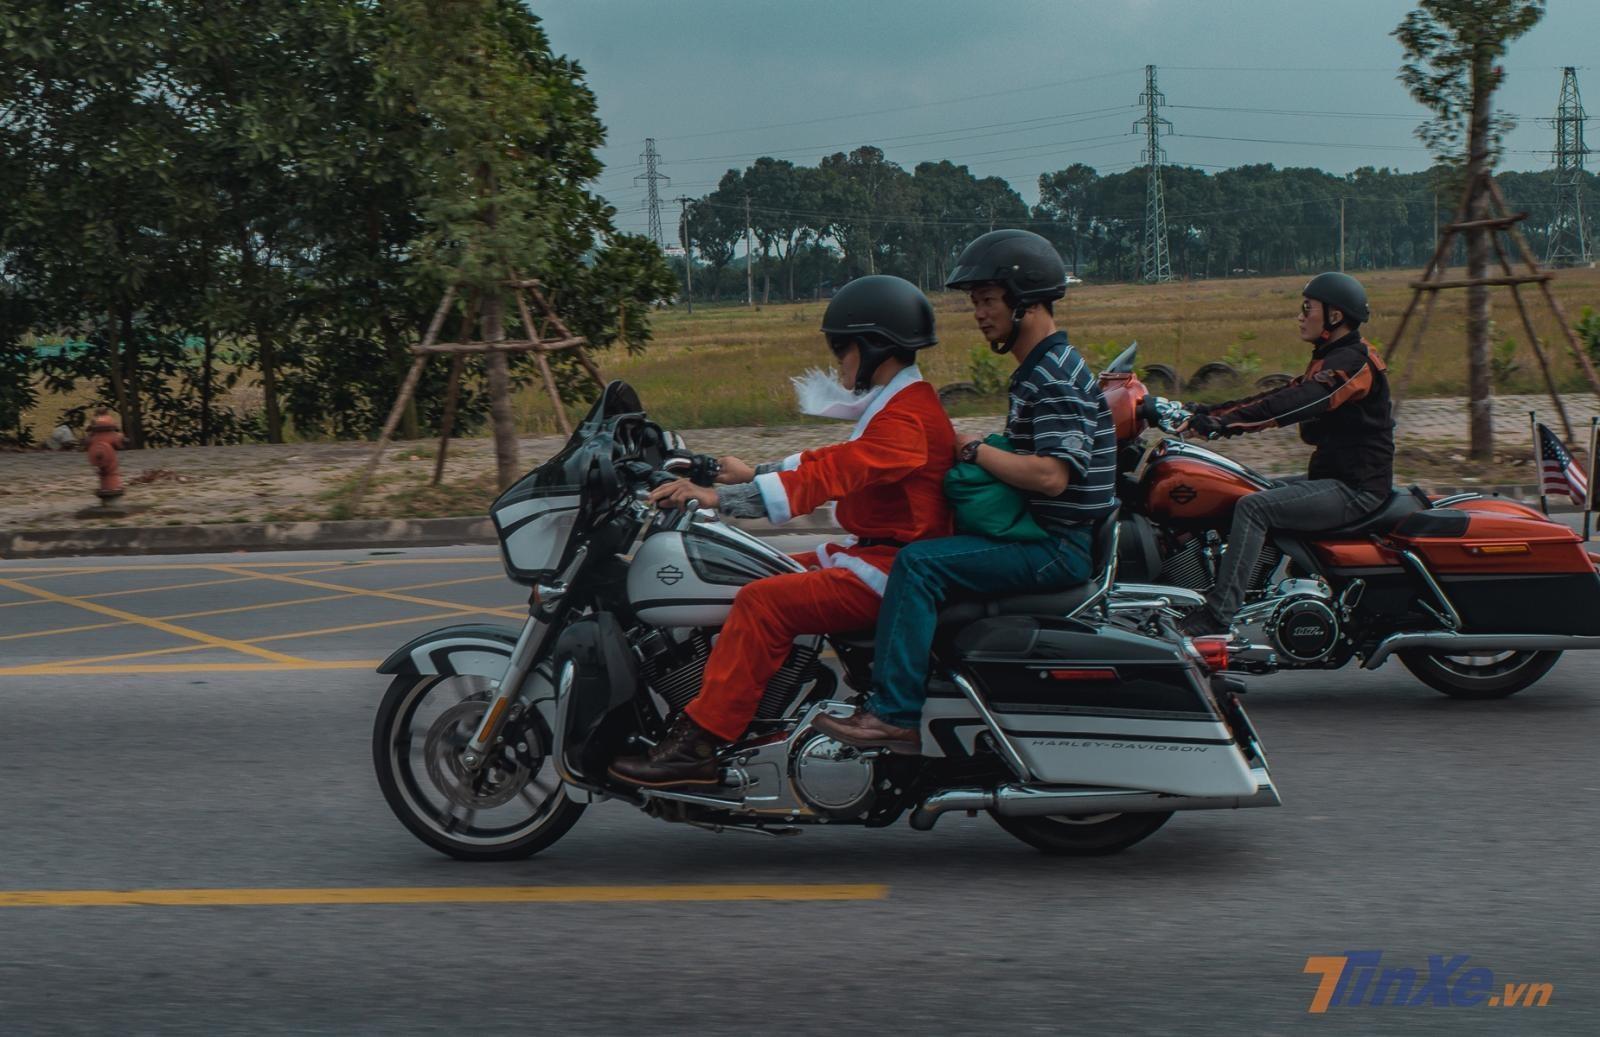 Những ông già Noel rất hợp dáng trên những chiếc Harley hoành tráng